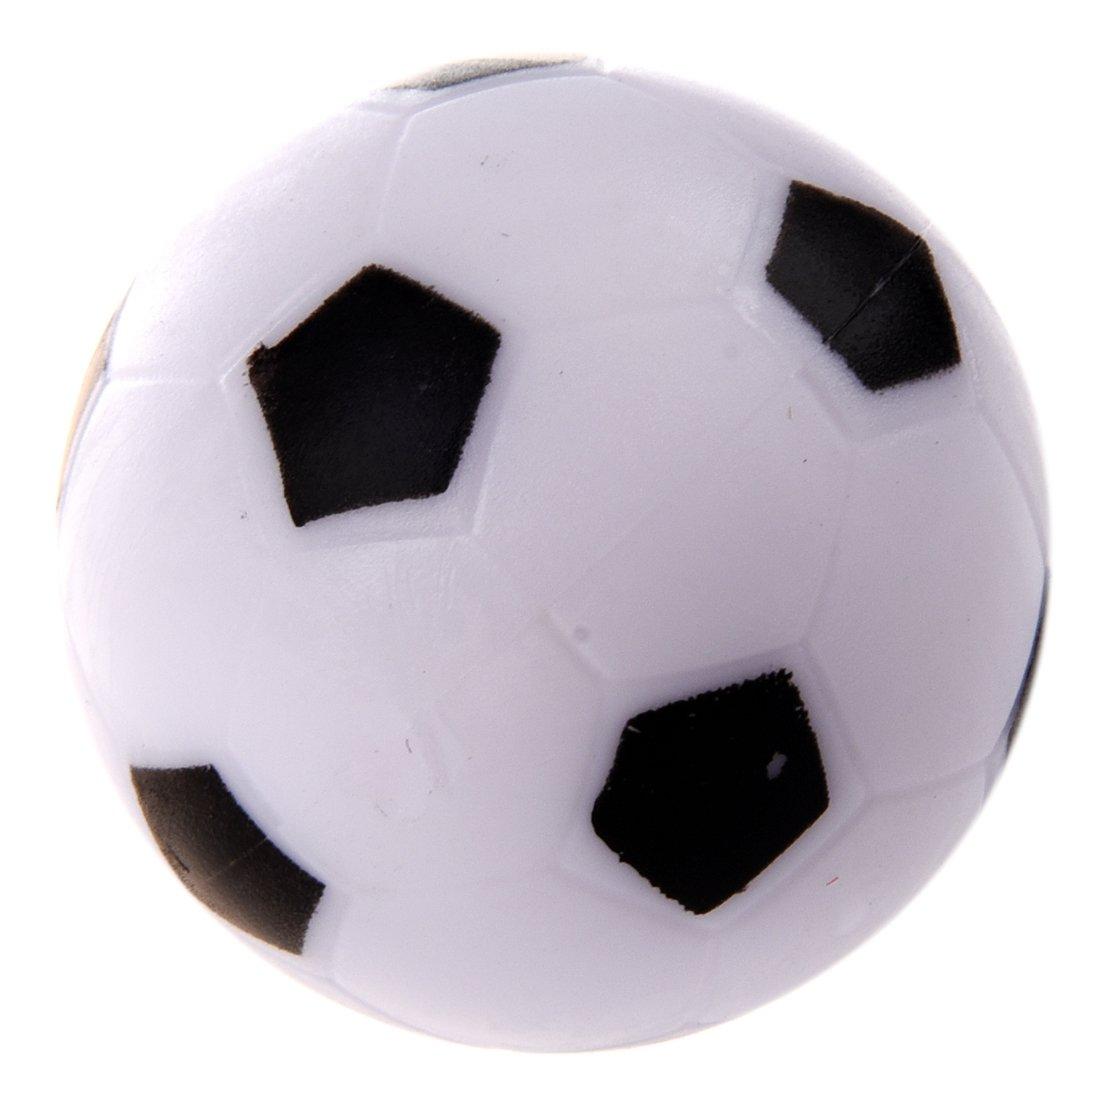 JVSISM Futbolin Pequeno de Futbol Bola de plastico Duro de Mesa Juguete de ninos Blanco Negro: Amazon.es: Juguetes y juegos